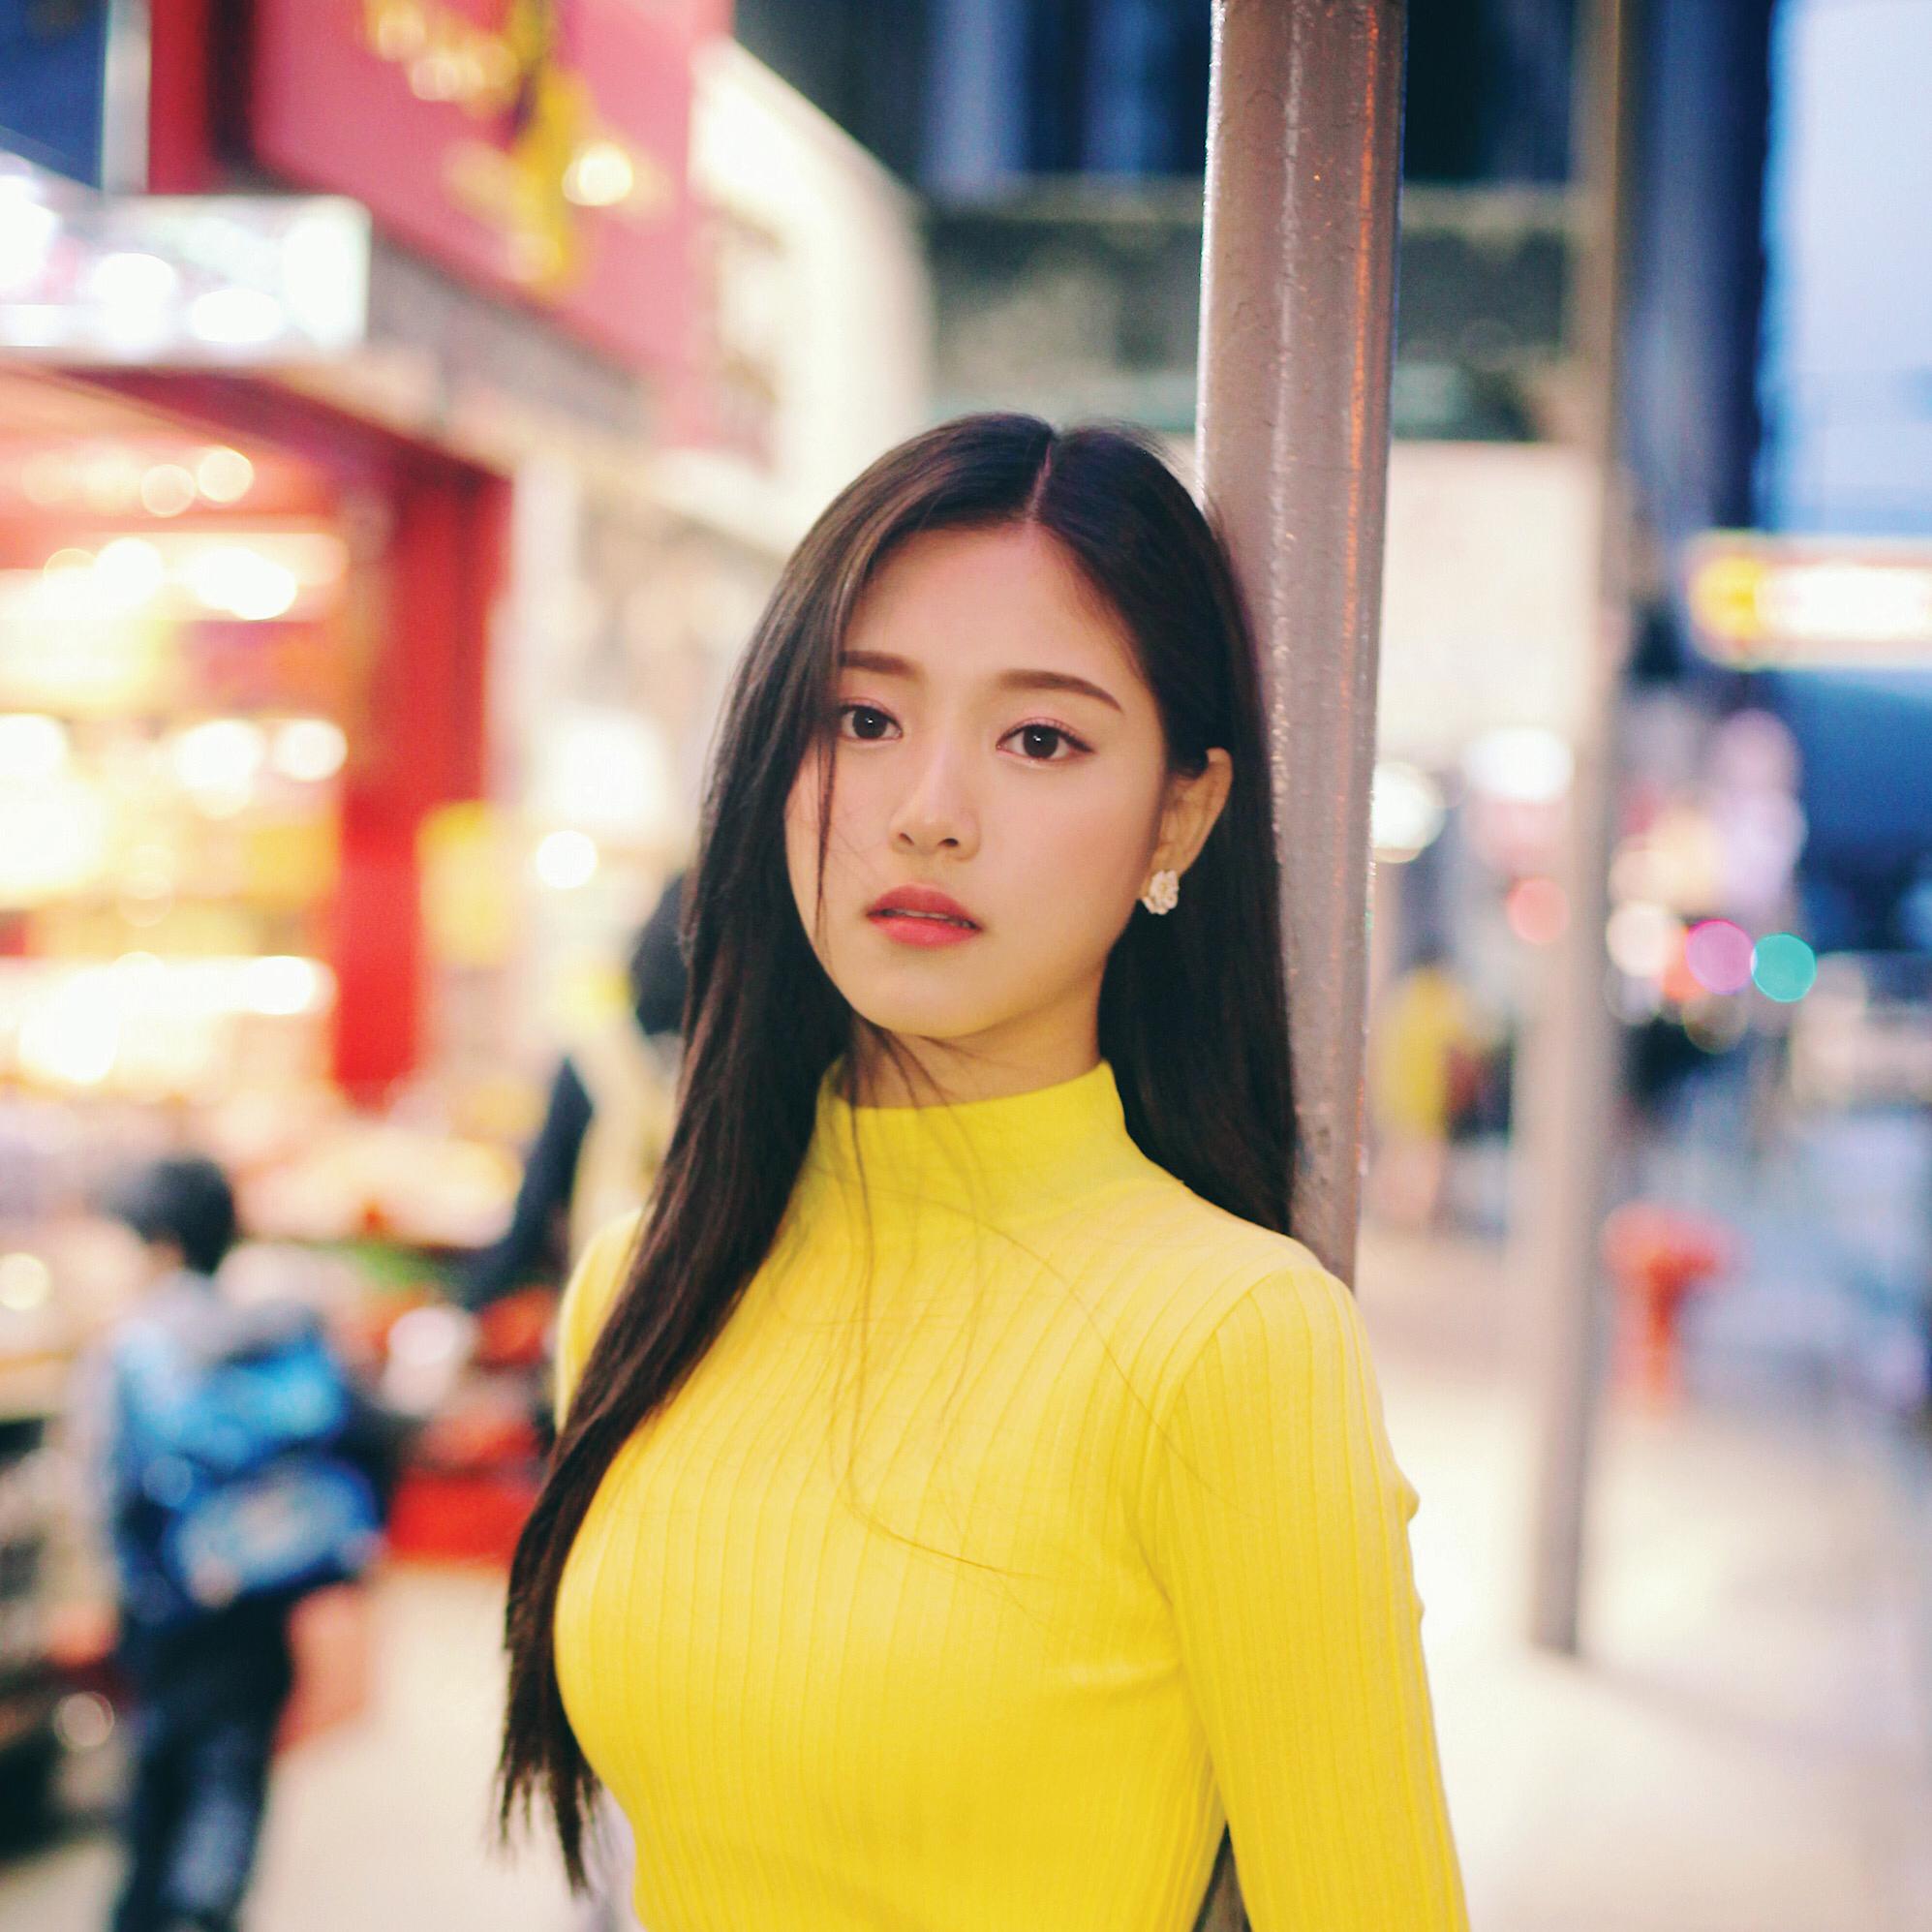 이달의 소녀(LOOΠΔ) on Twitter | Kpop girls, Girl, Amazing women